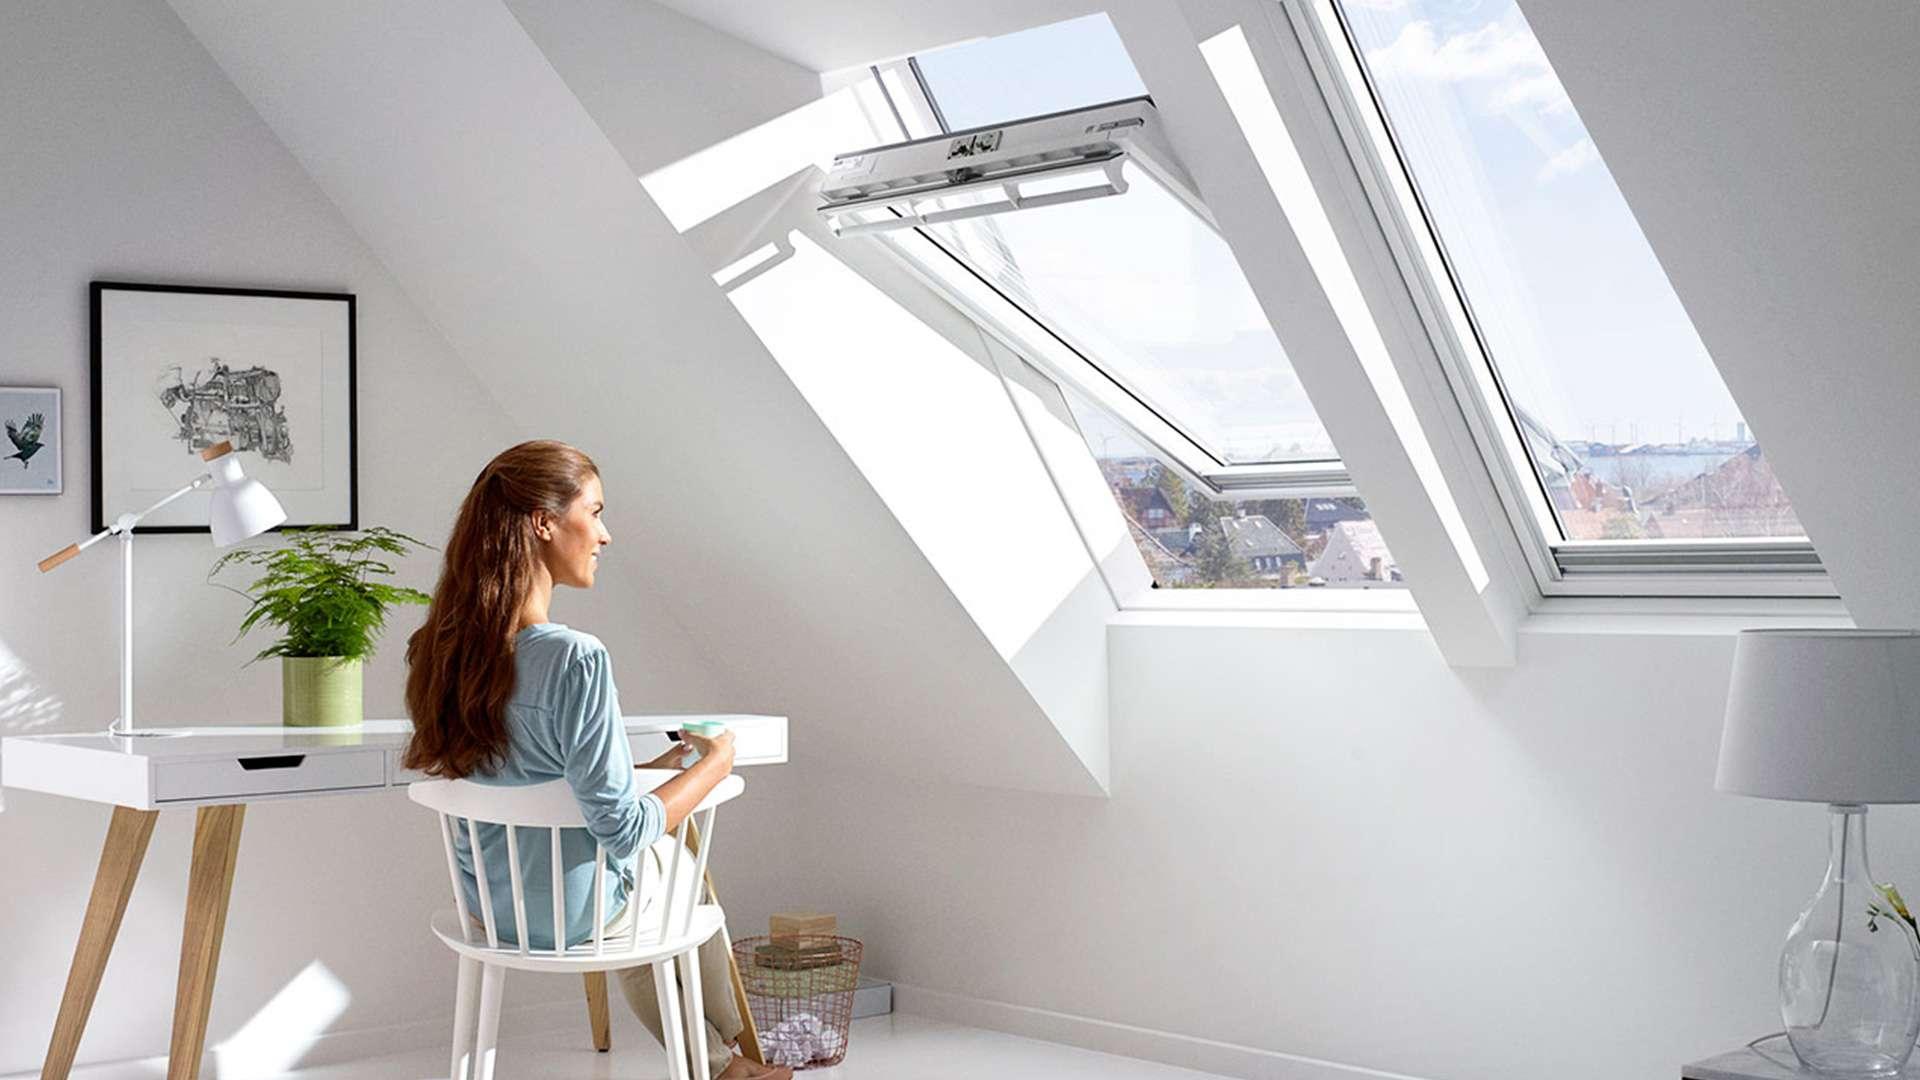 Frau sitzt unter einem geöffneten Schwingfenster im Dachgeschoss